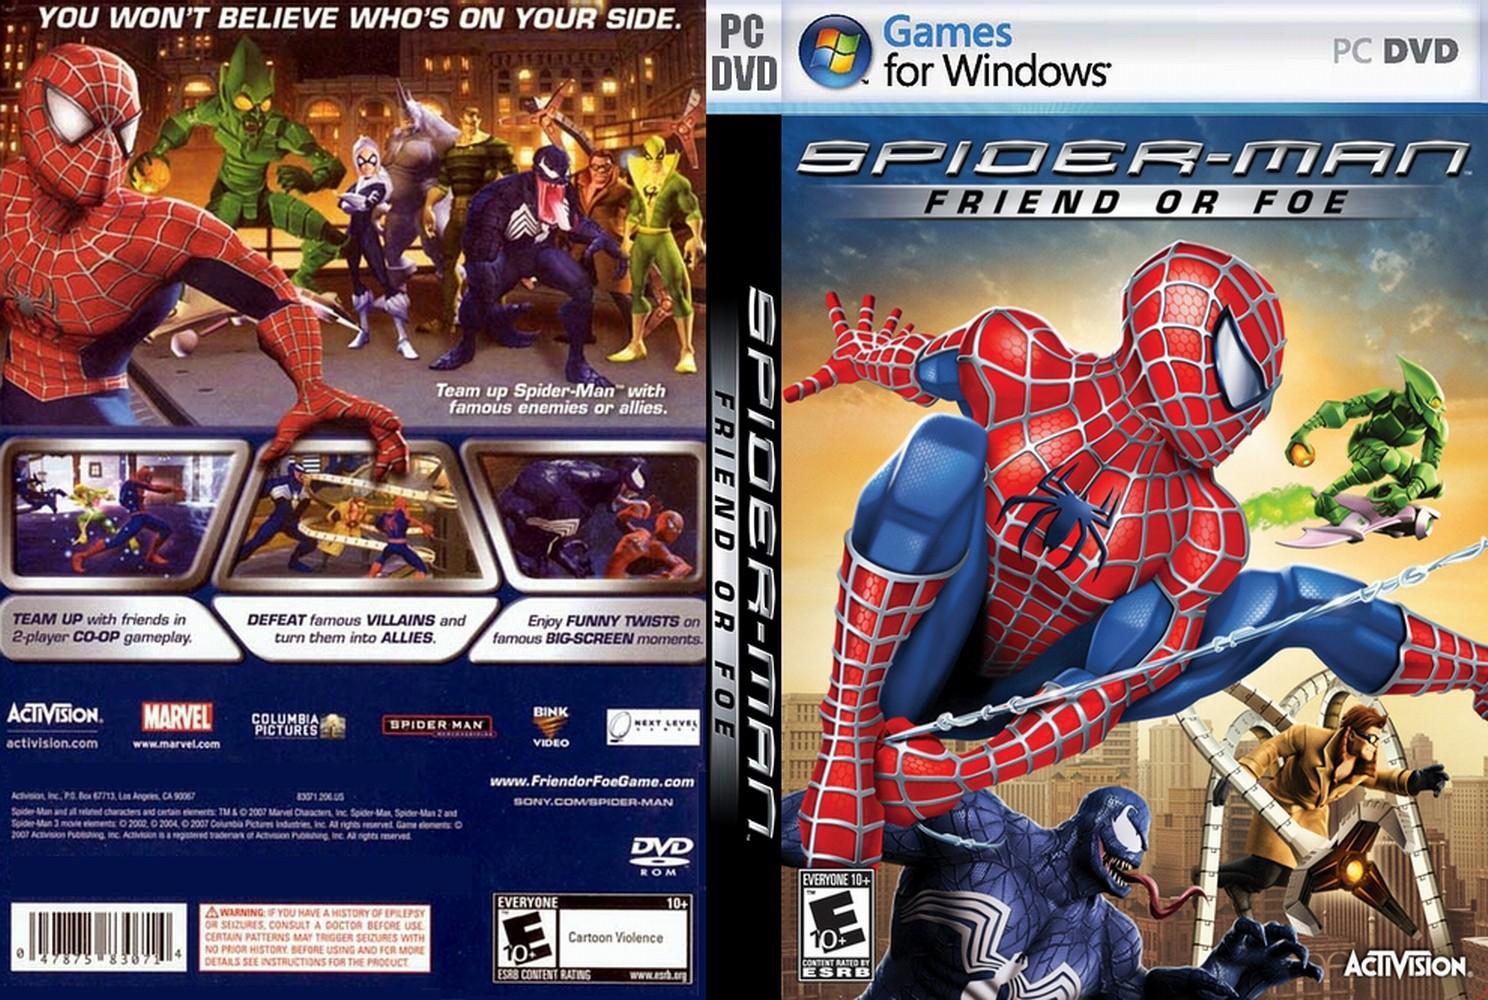 Spider man friend or foe download